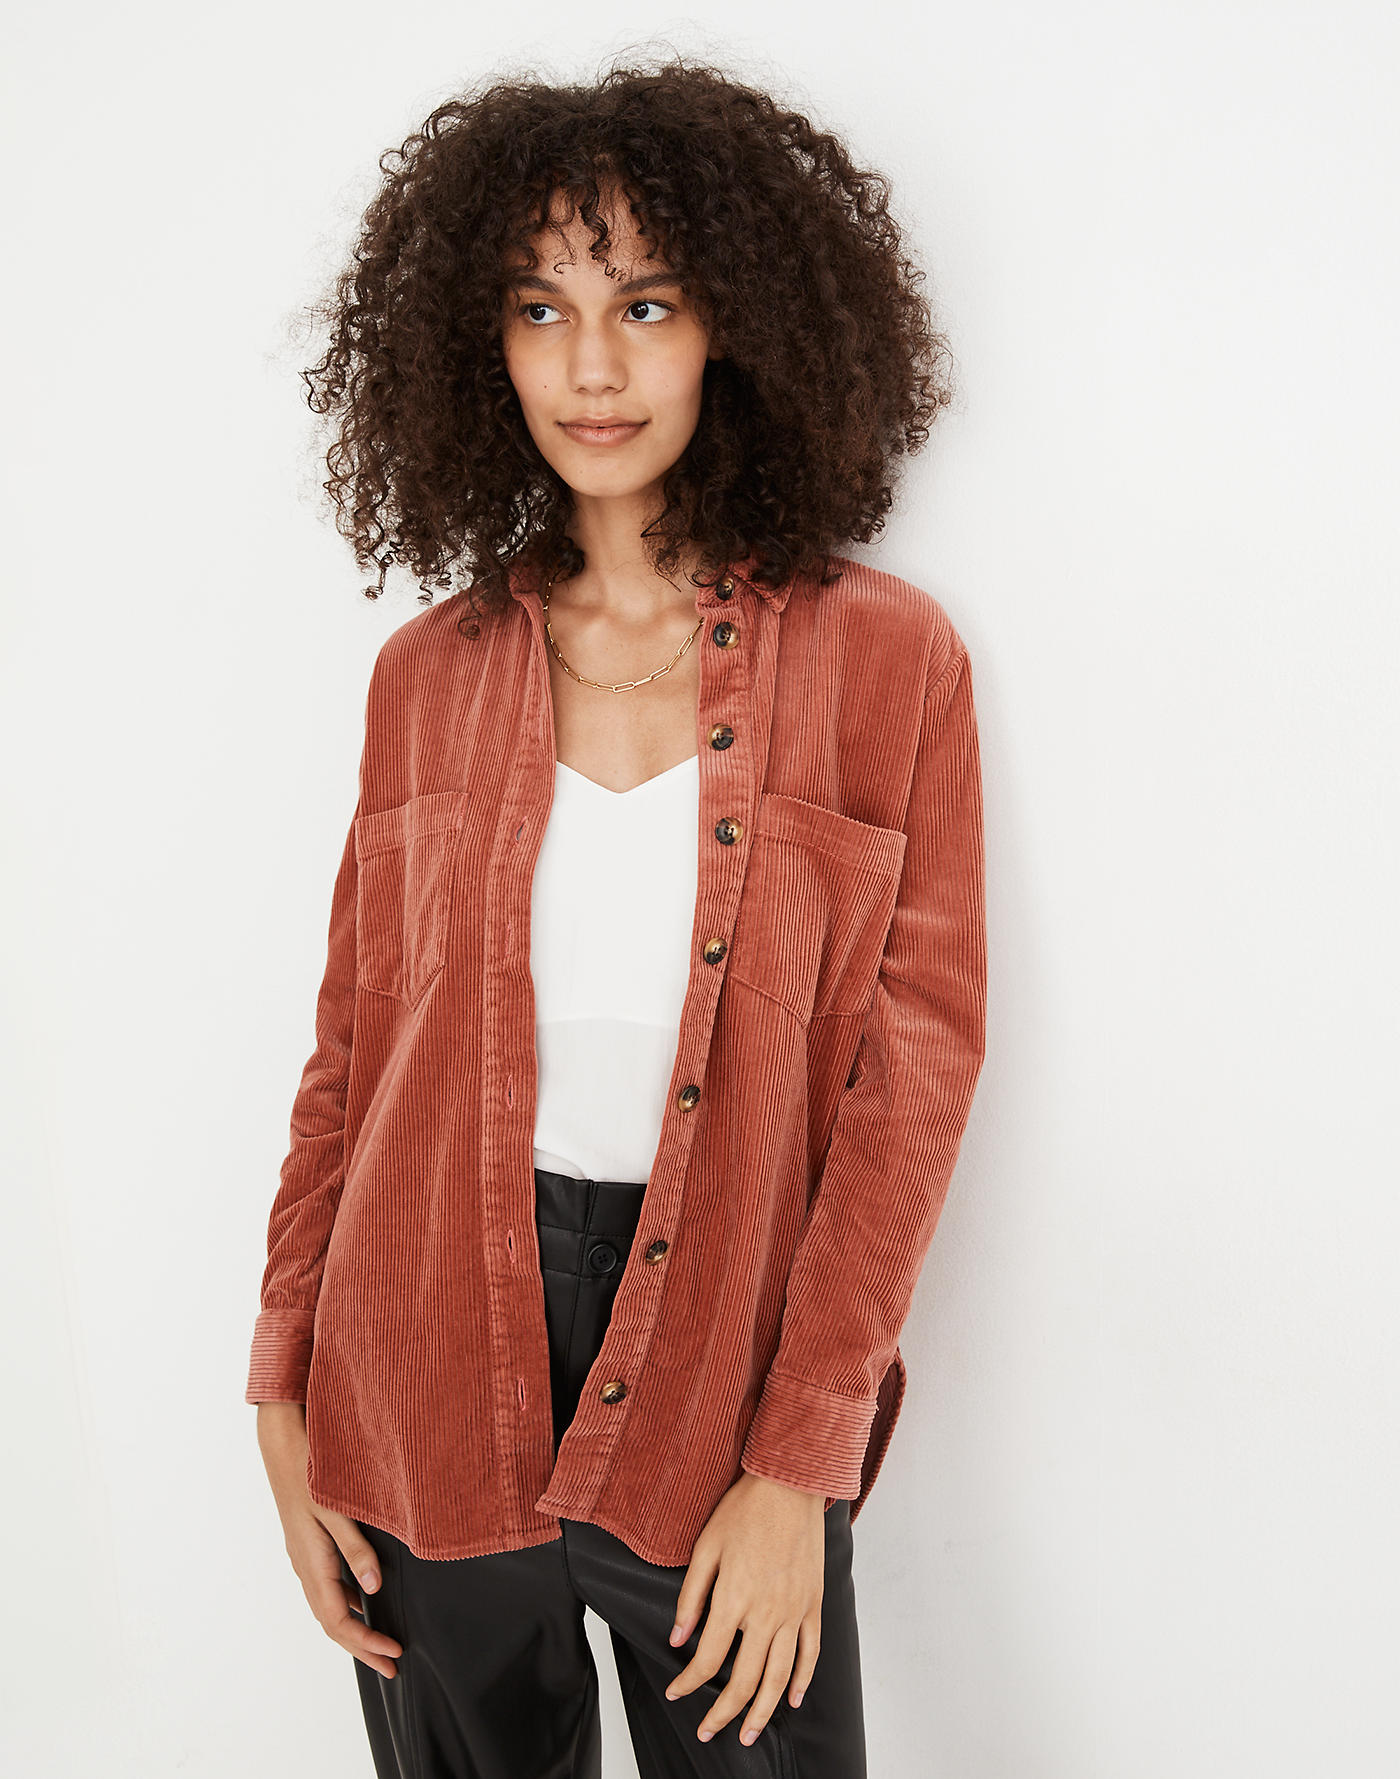 madewell fall sale 2020 corduroy shirt